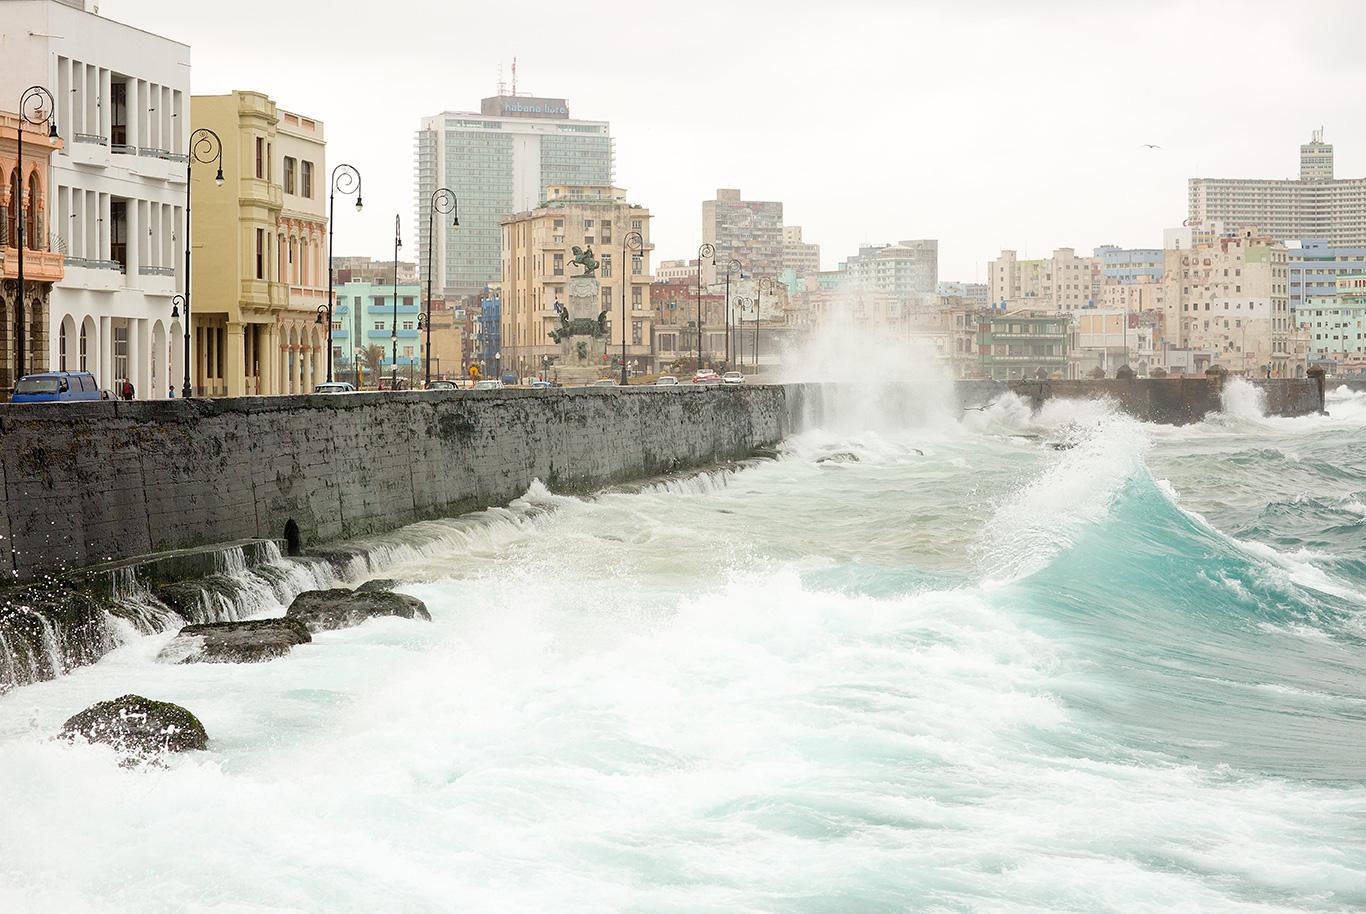 MalecónSeawall_Waves_Havana_2018.jpg